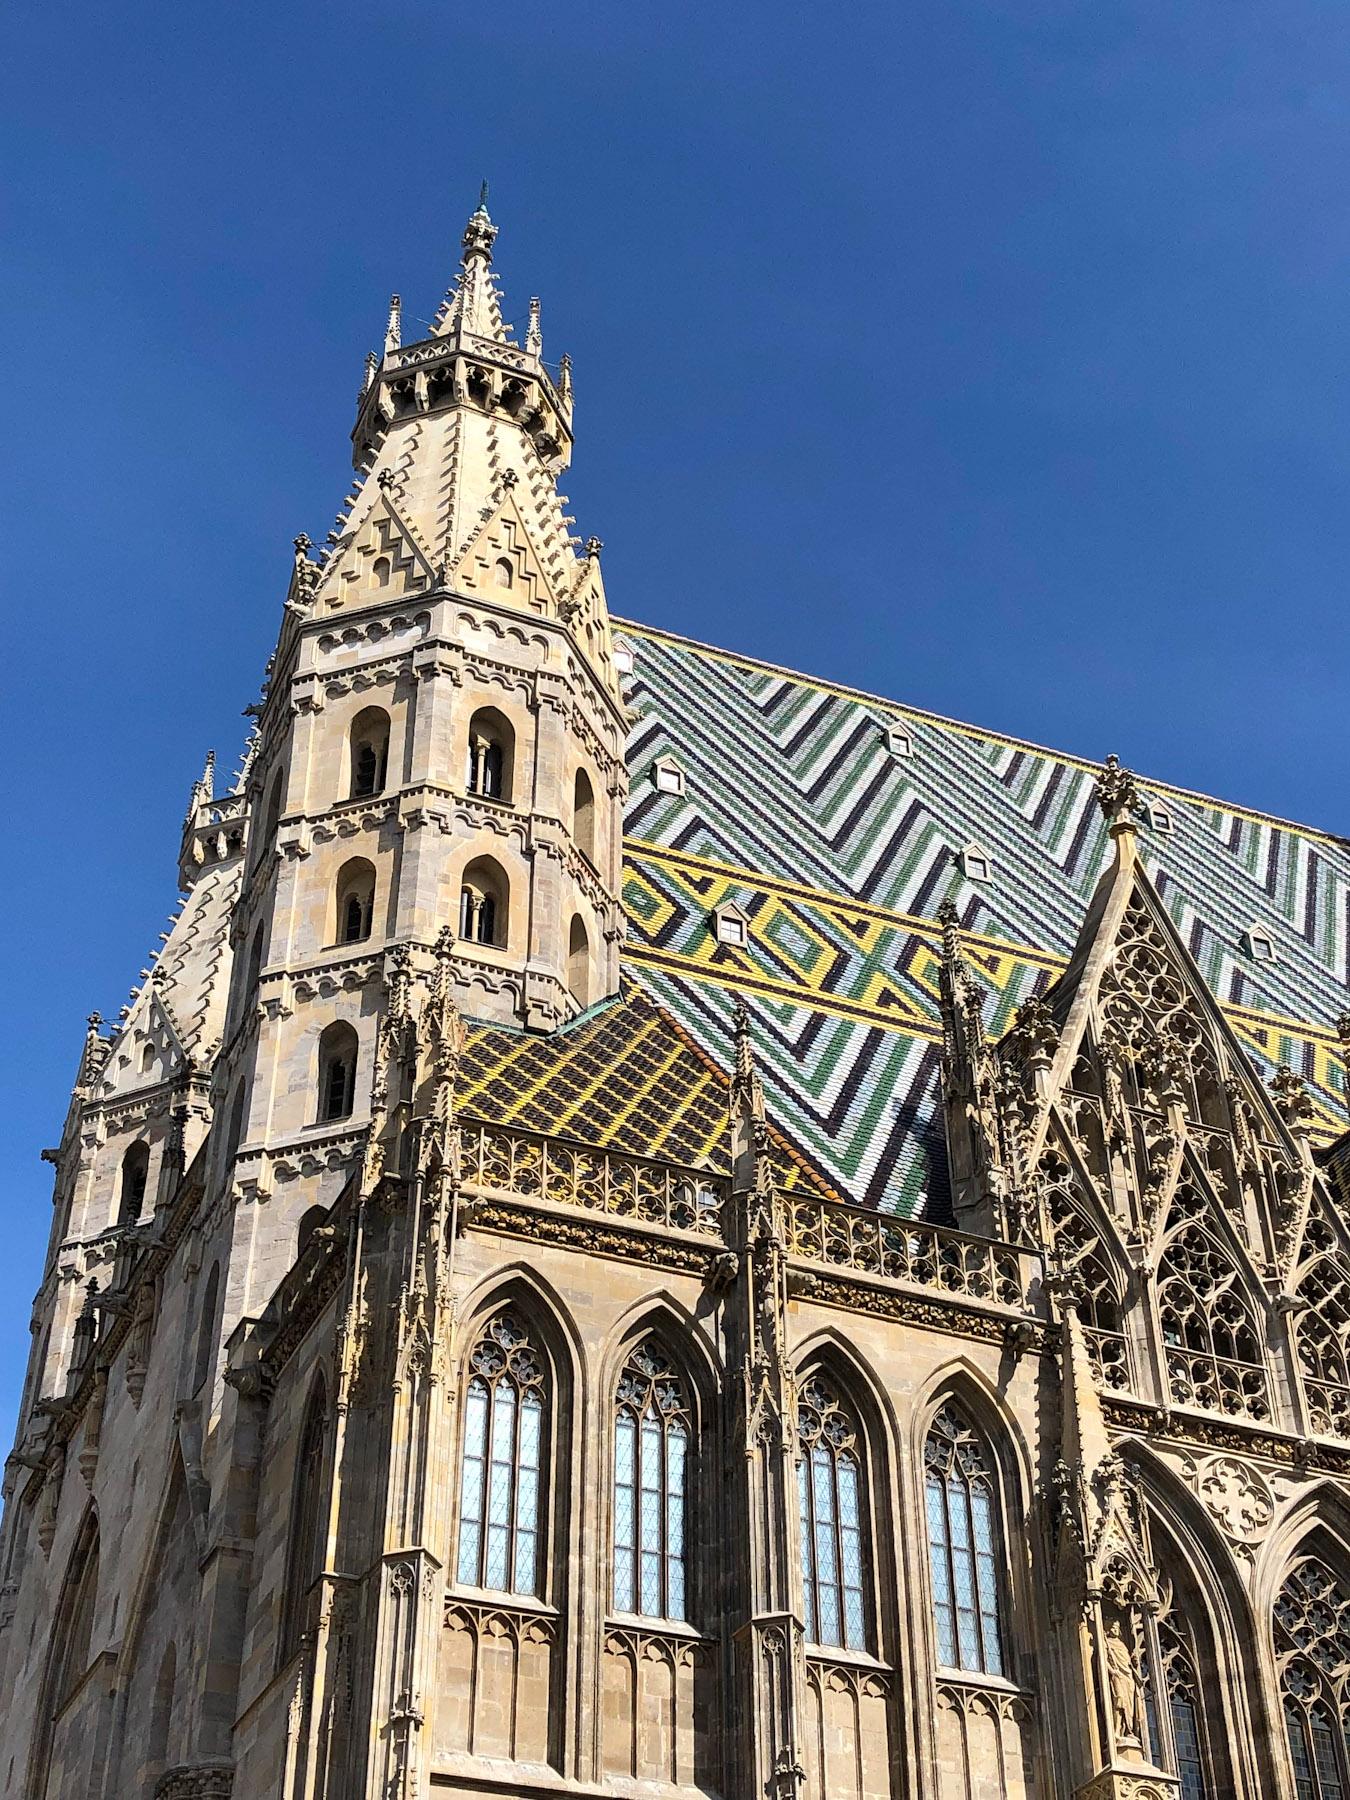 Domkirche Sankt Stephan, Vienna, Austria